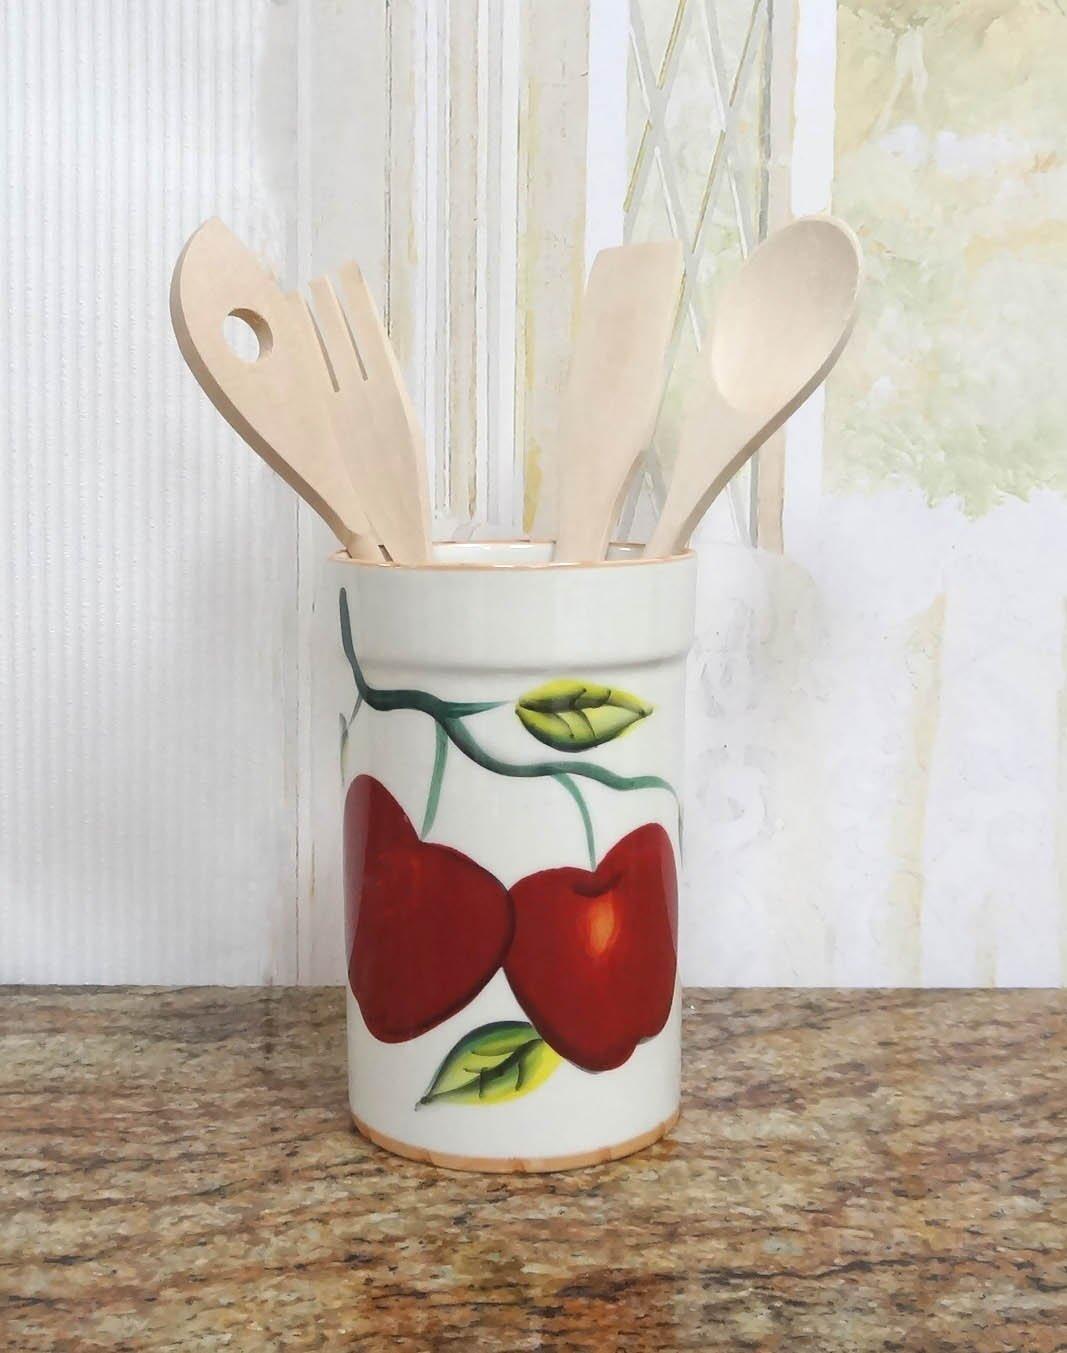 Tuscany Apple Kitchen Utensil Holder Set